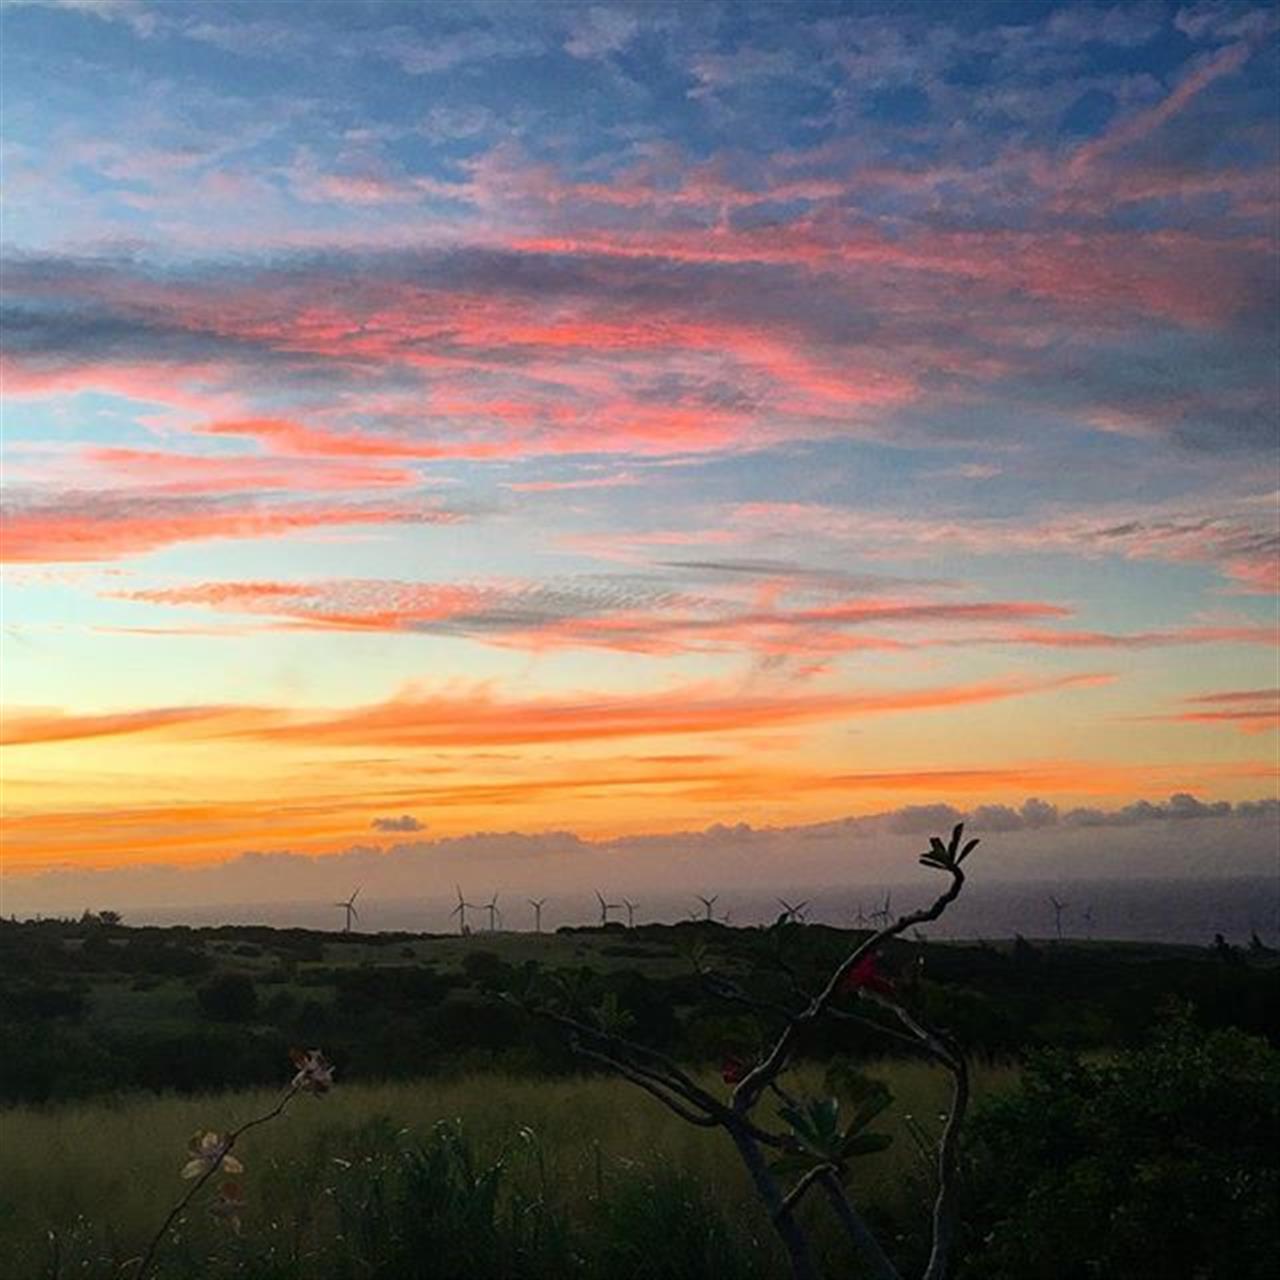 A wonderful sunset on the farm to end a wonderful day! #derbyfarm #kohala #hawi #hawaii